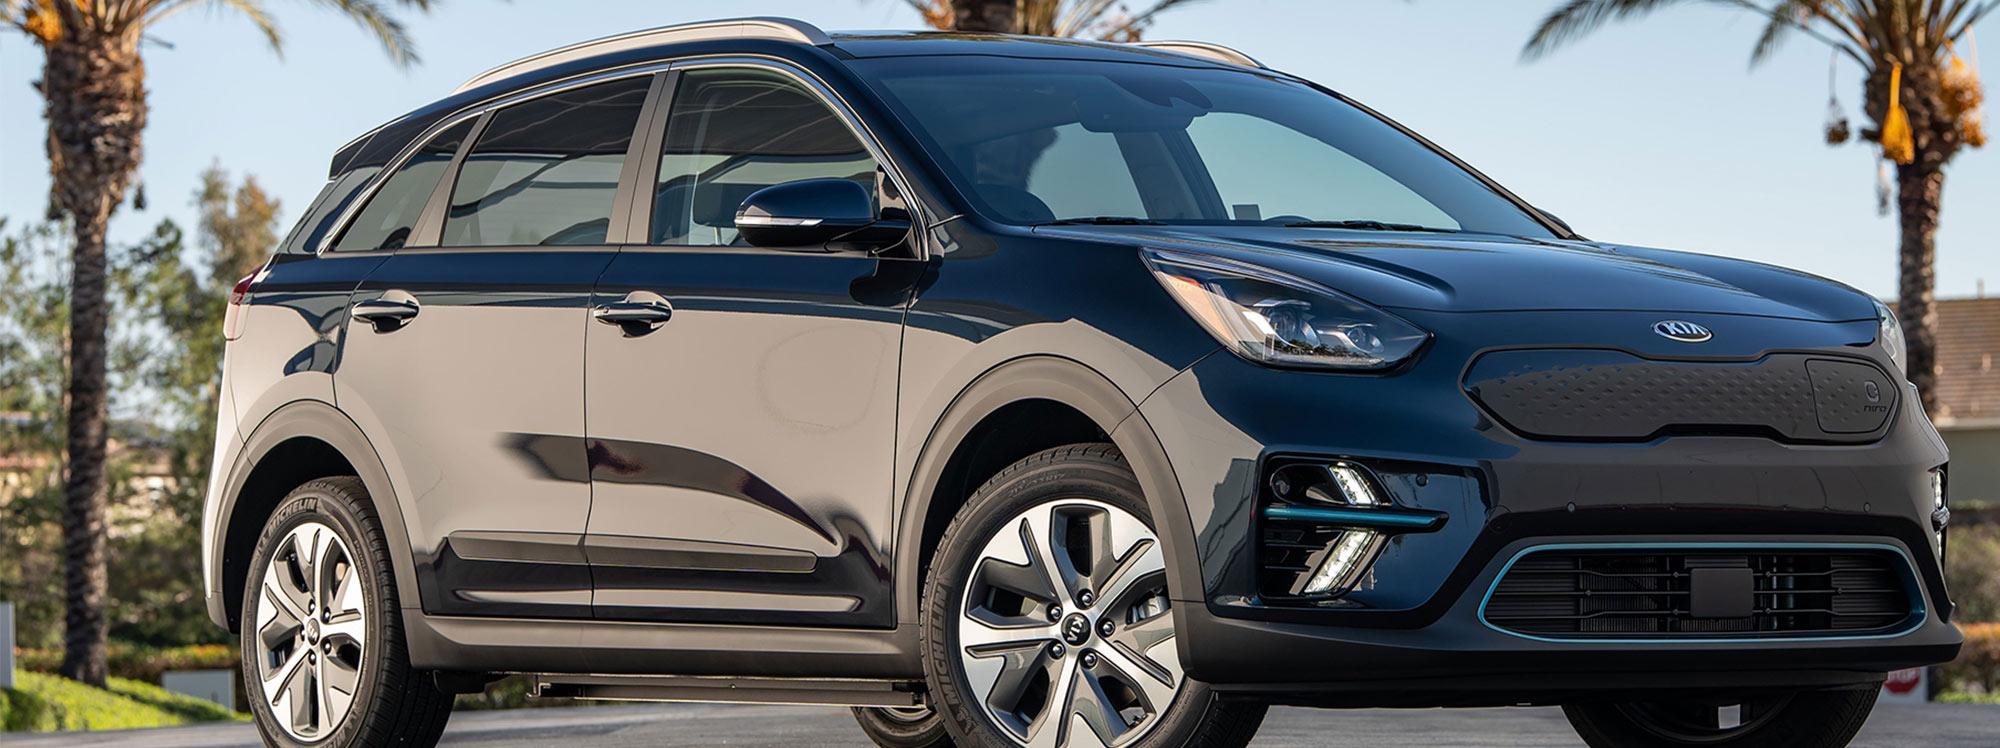 Kia E- Niro: el número uno en experiencia de usuario de vehículos eléctricos